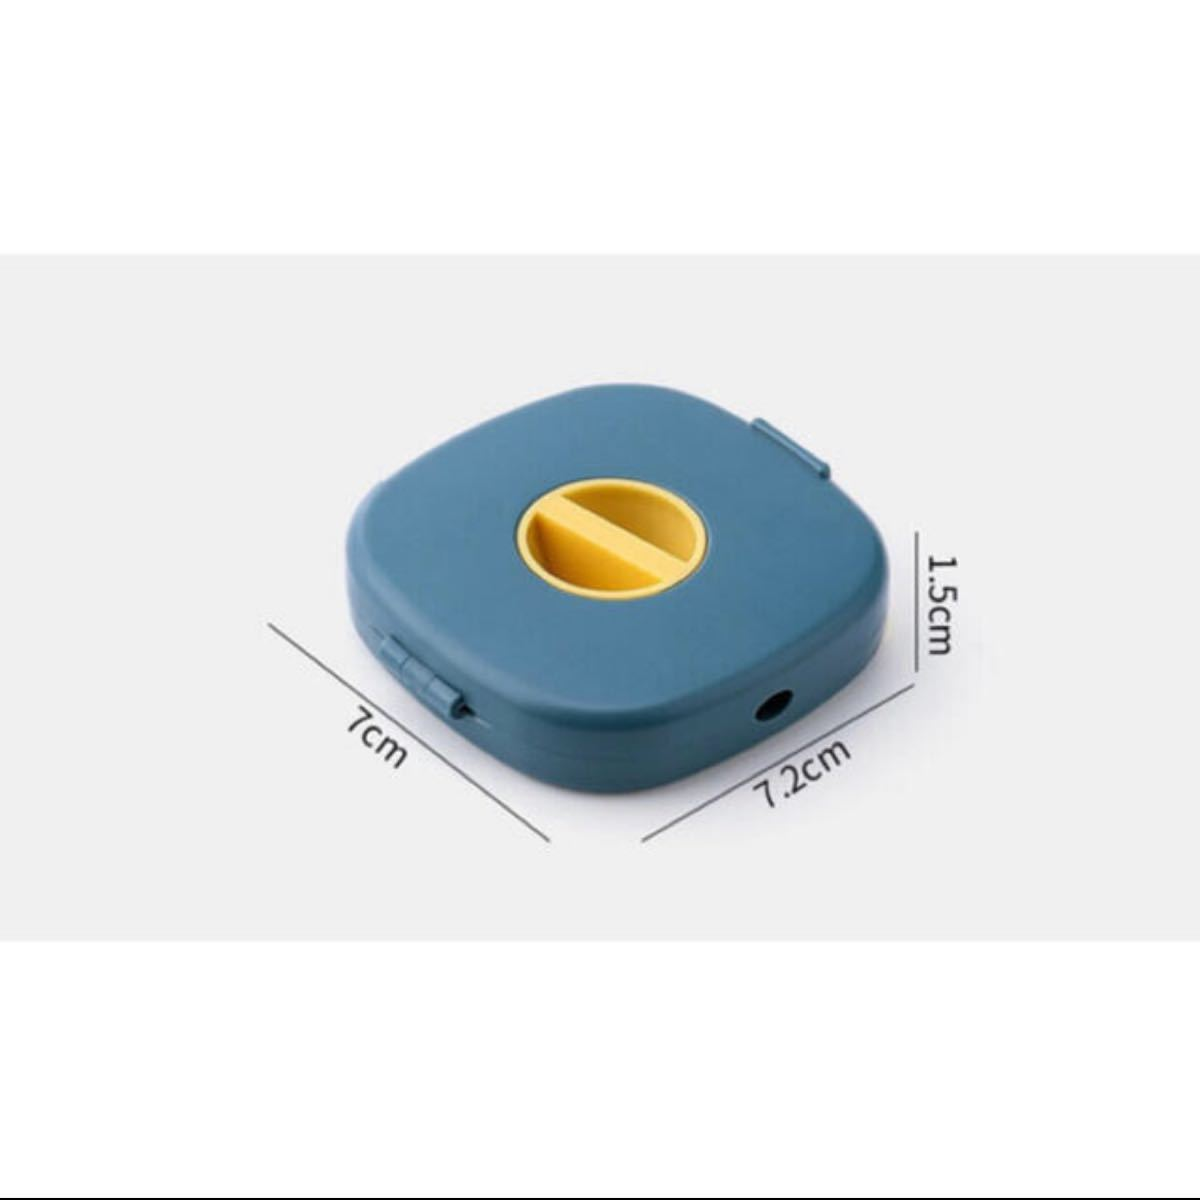 コード収納 ケーブルホルダー イヤホンホルダー ケーブル収納 コード巻き取り スマホスタンド USBコード巻き取りホルダー